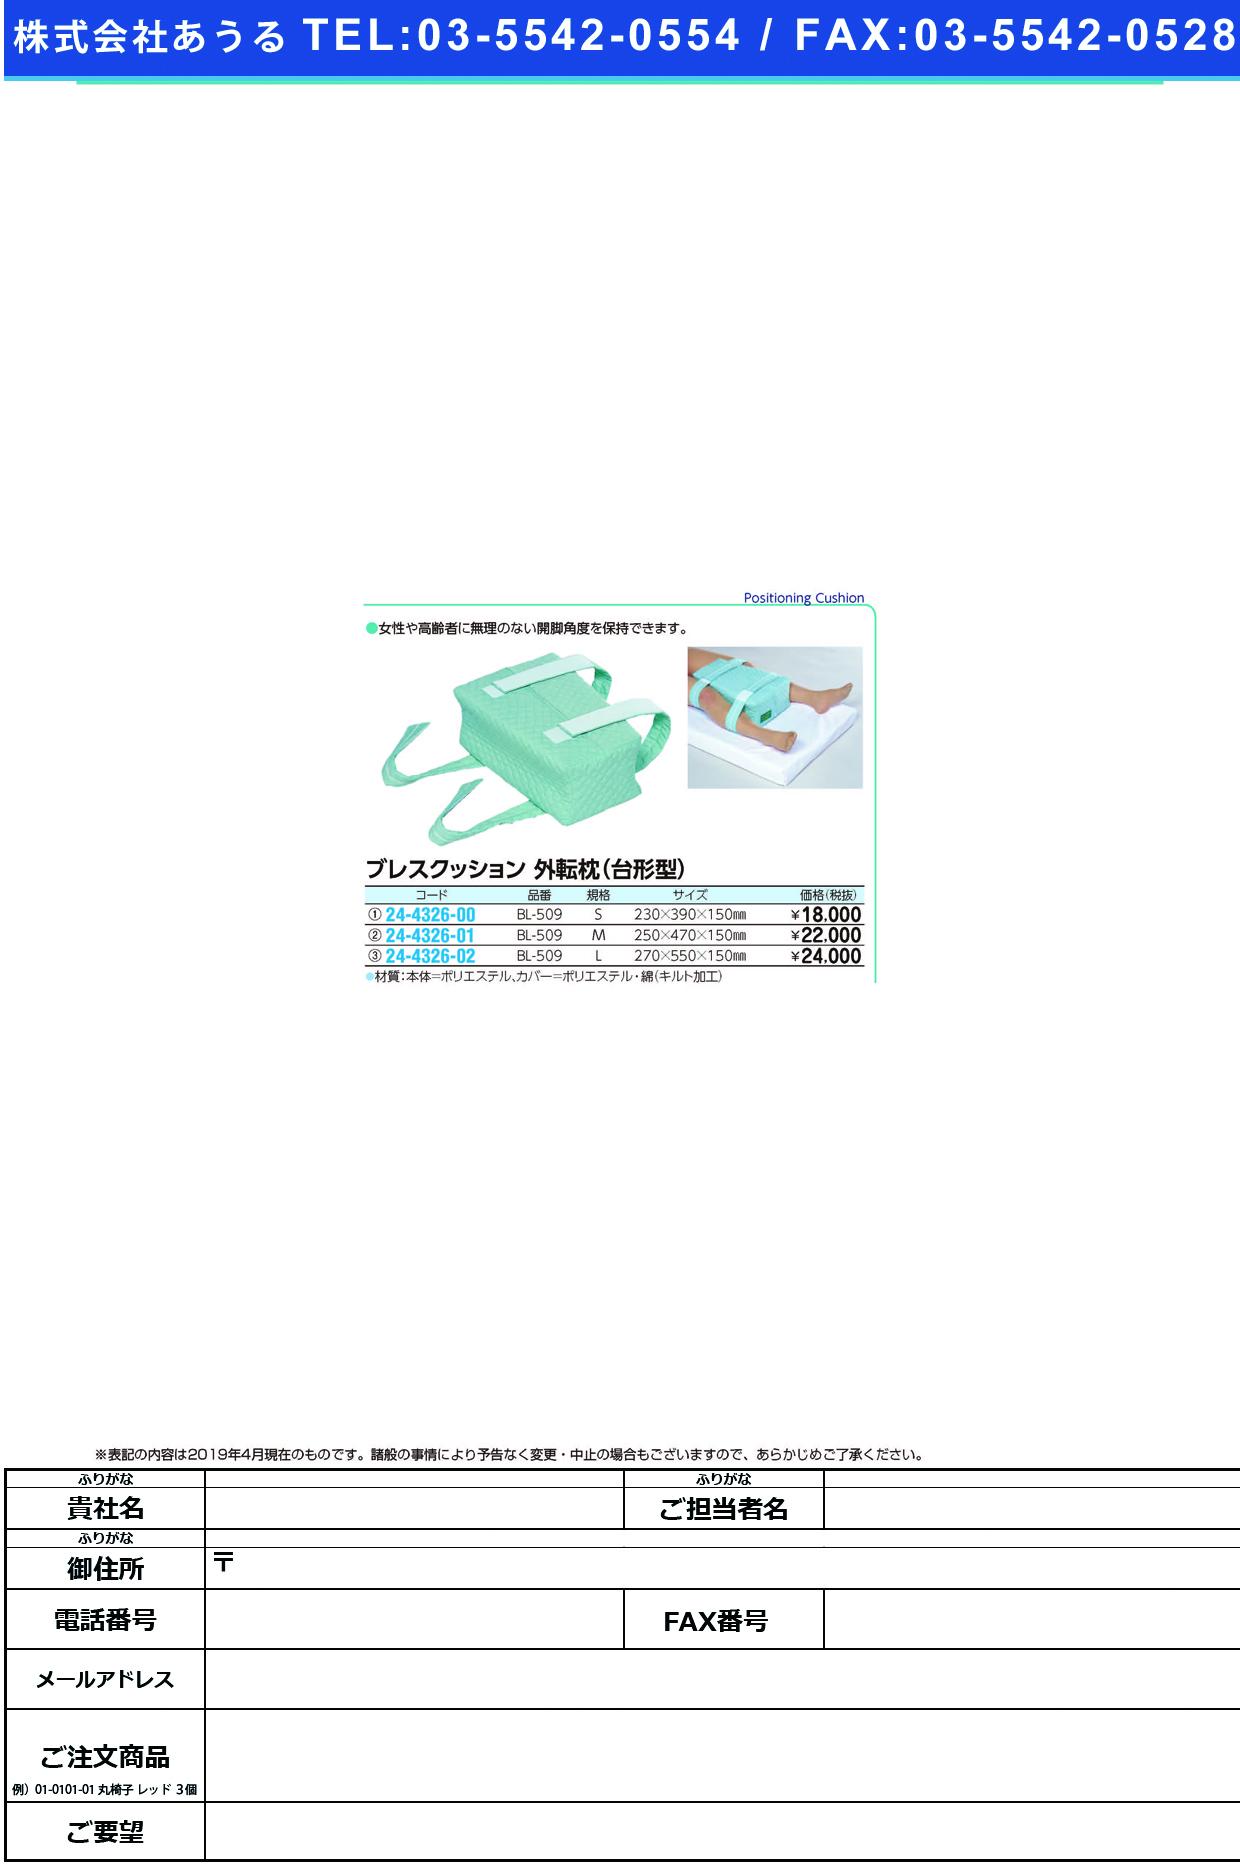 (24-4326-00)ブレスクッション(外転枕・台形型) BL-509(S) ブレスクッション(ガイテンマクラ)【1個単位】【2019年カタログ商品】